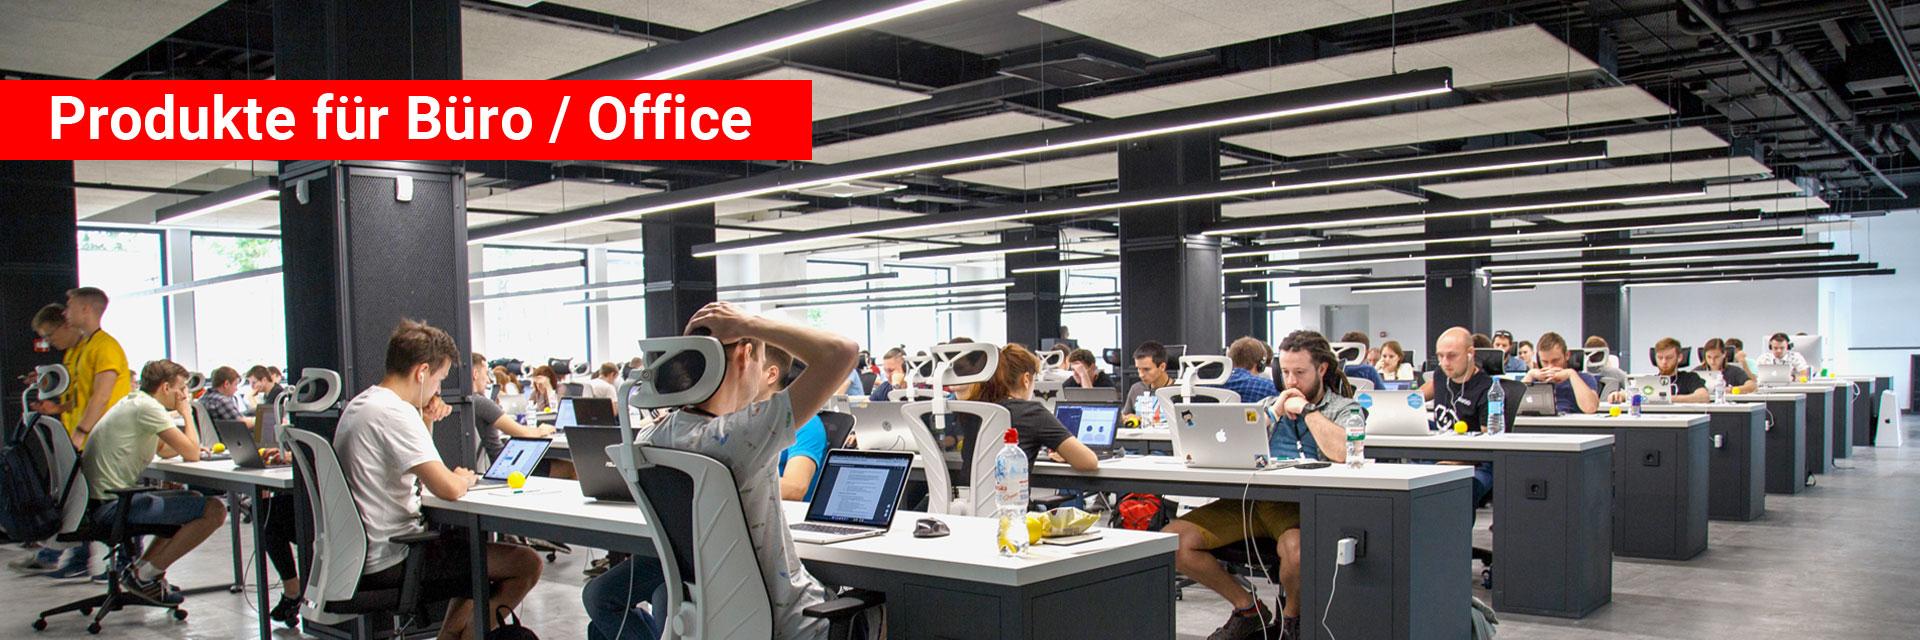 Sonosorp Lärmschutz für Büro / Office